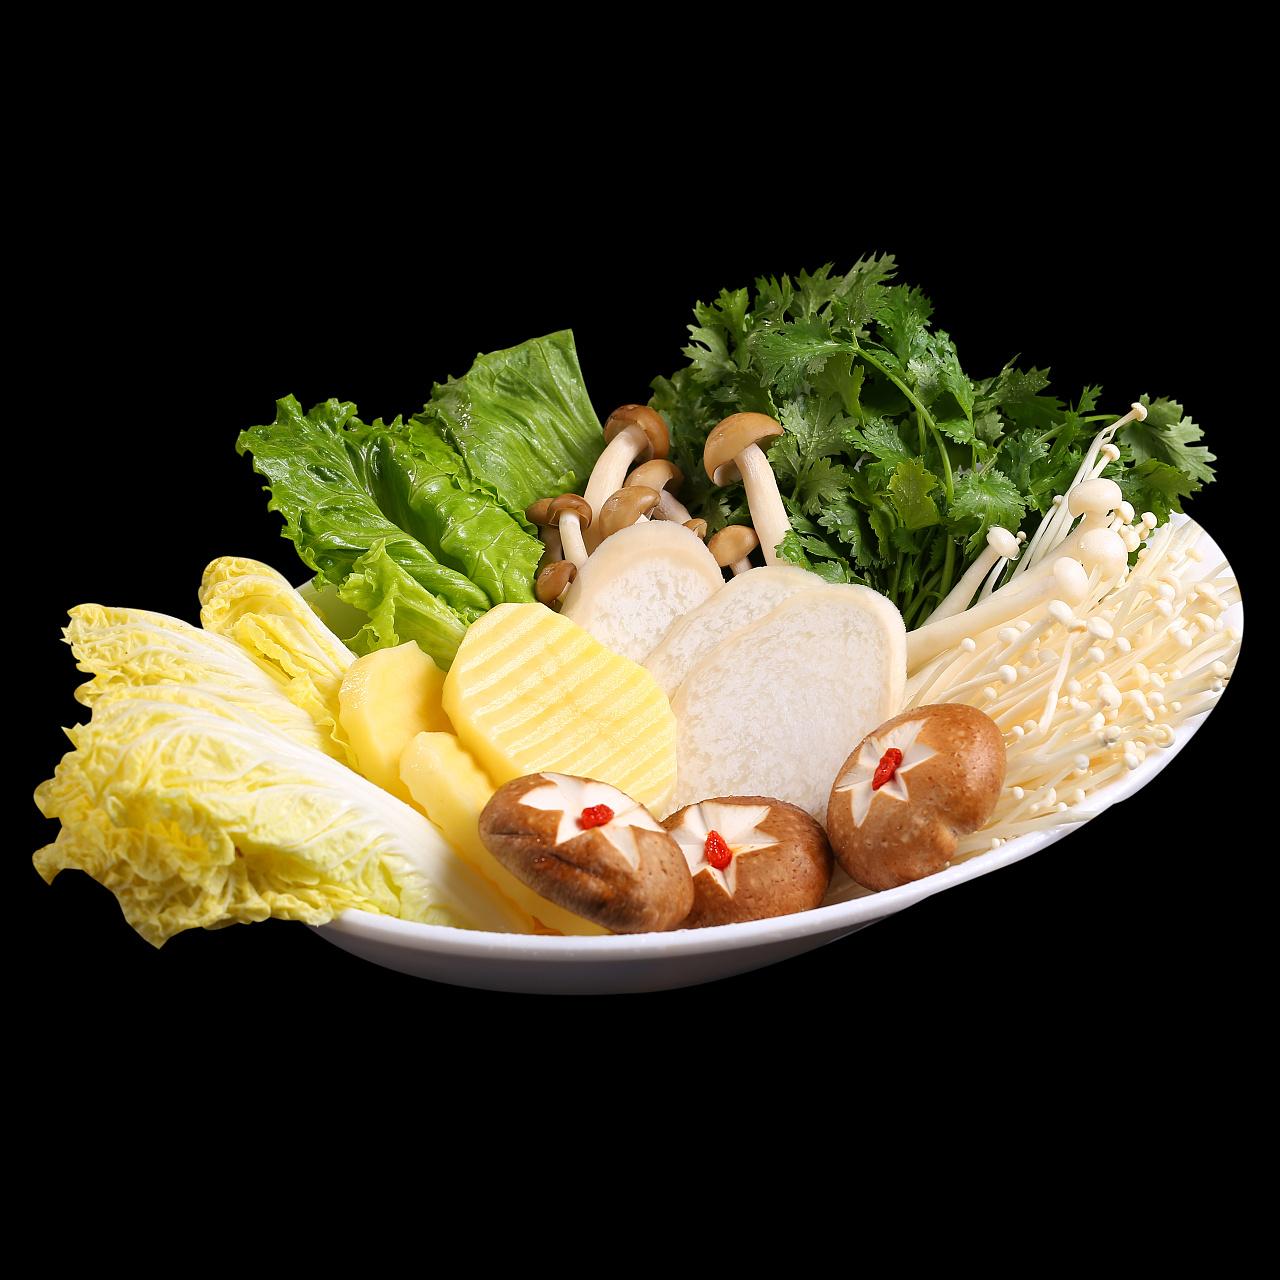 阿味大虾火锅品牌 / 部分菜品展示